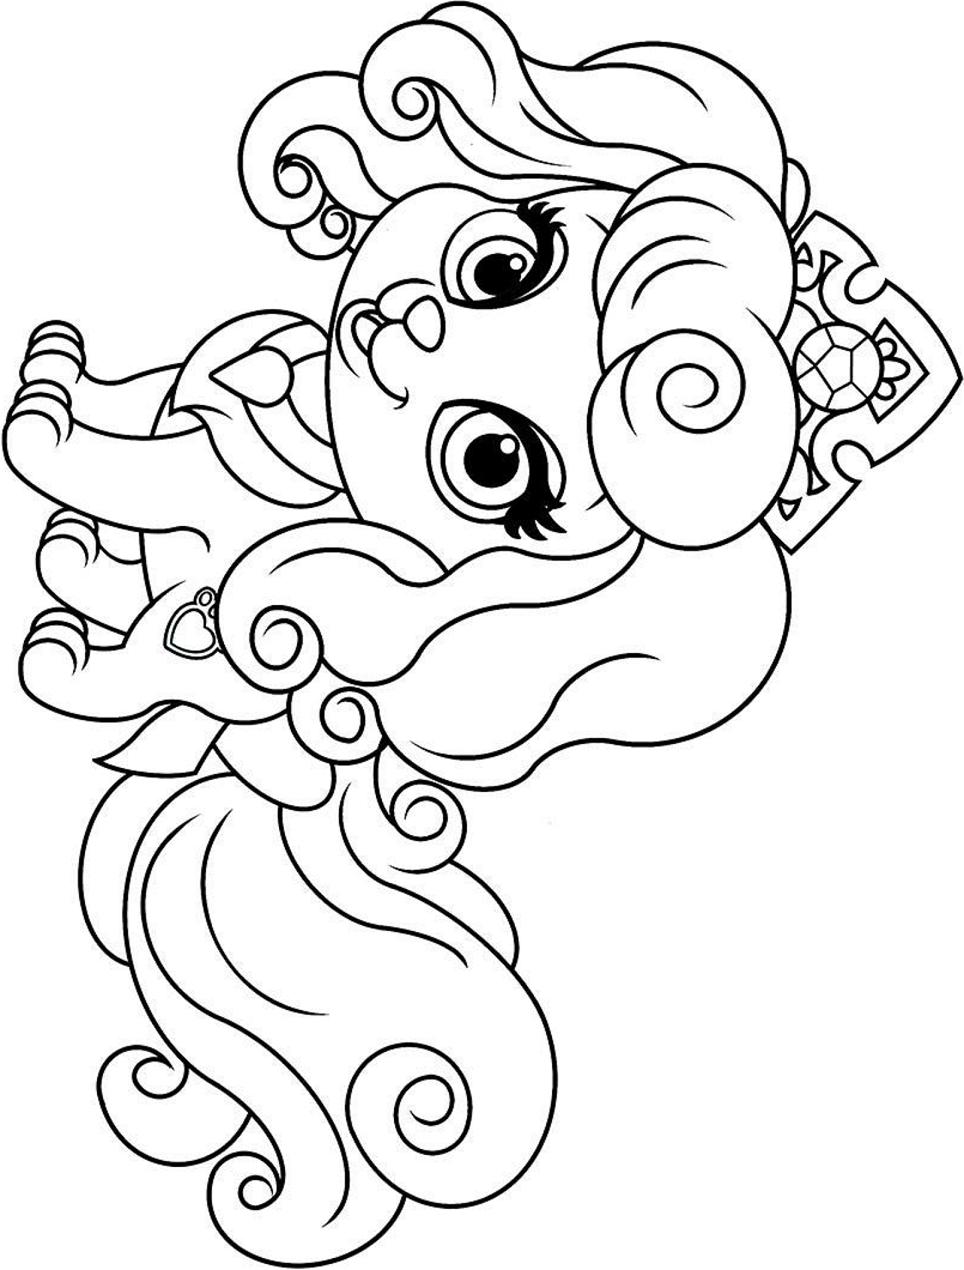 Dibujos De Perra Bonito Kawaii Para Colorear Pintar E